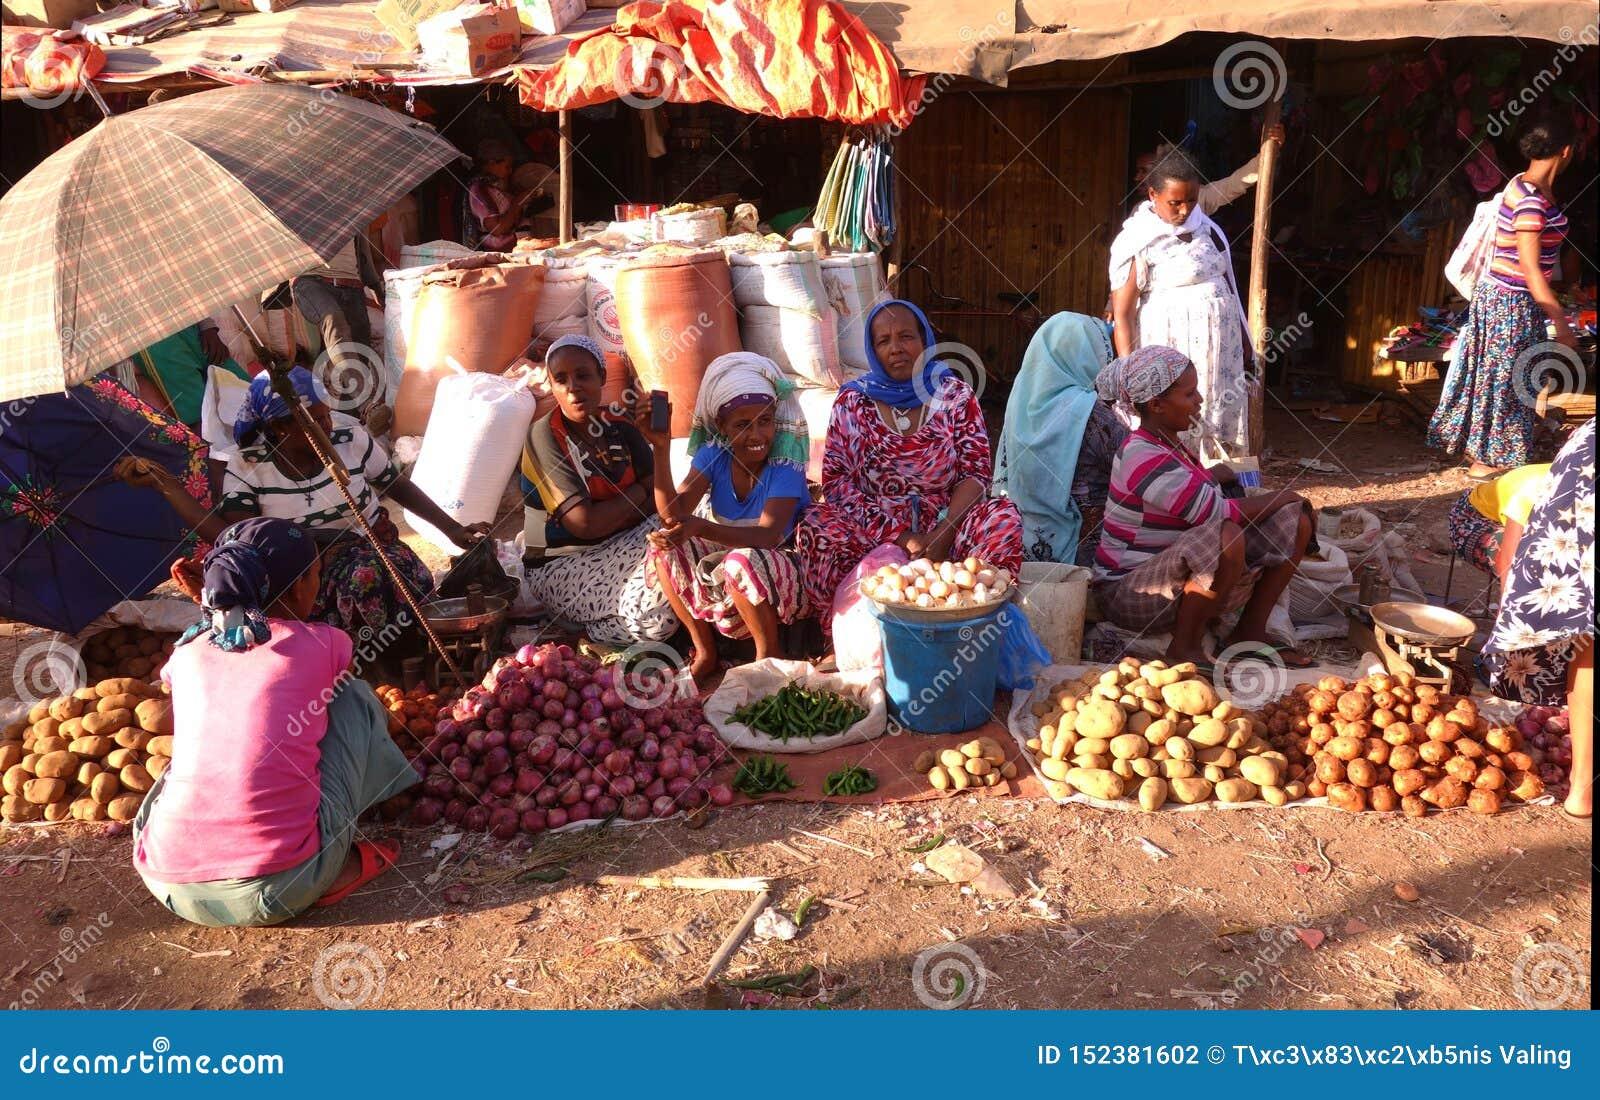 Livlig ethiopian marknad